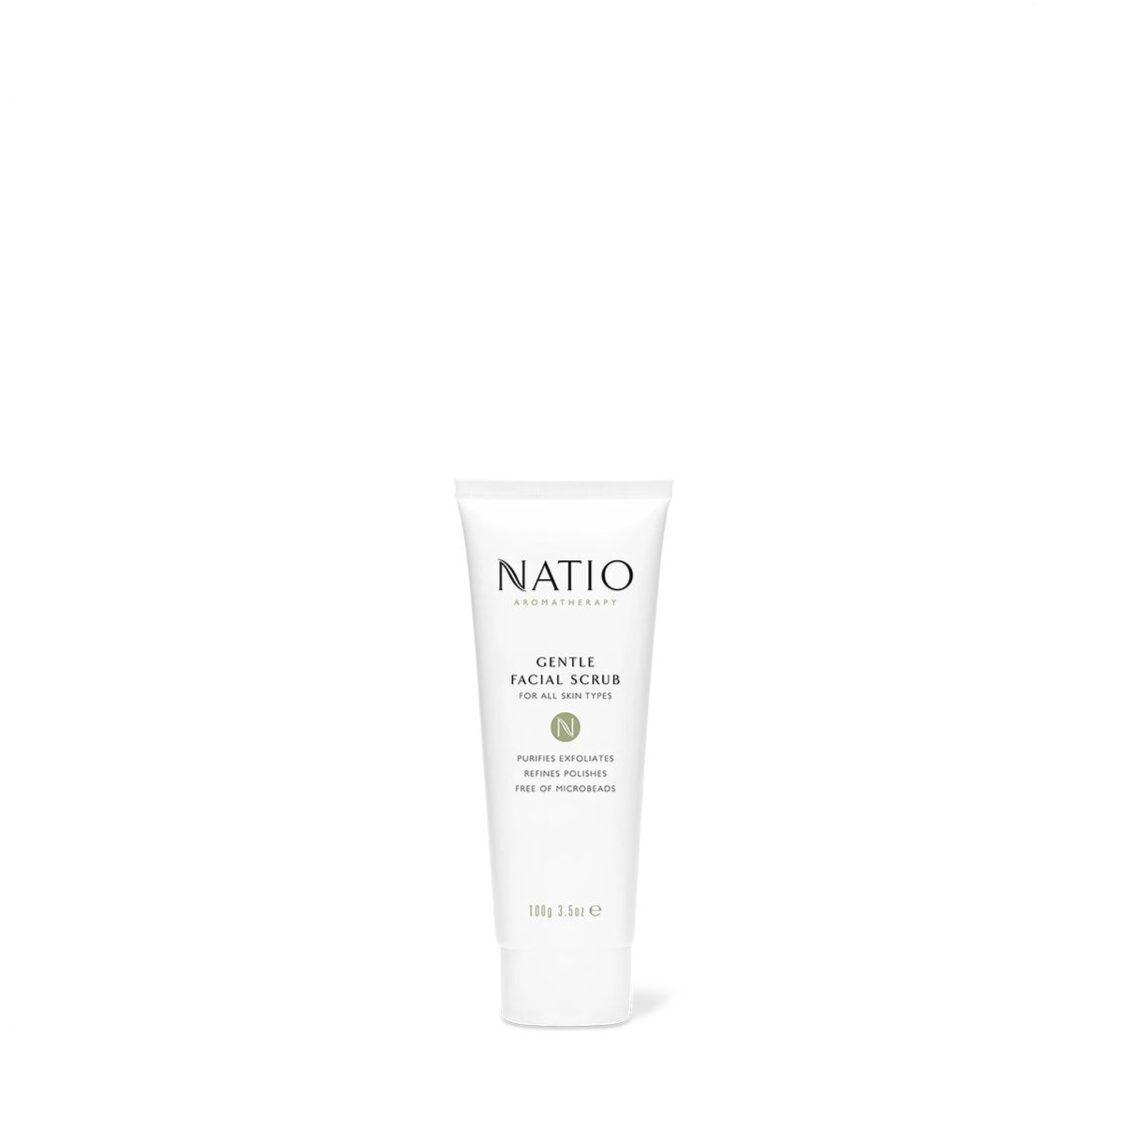 Natio Gentle Facial Scrub 100g